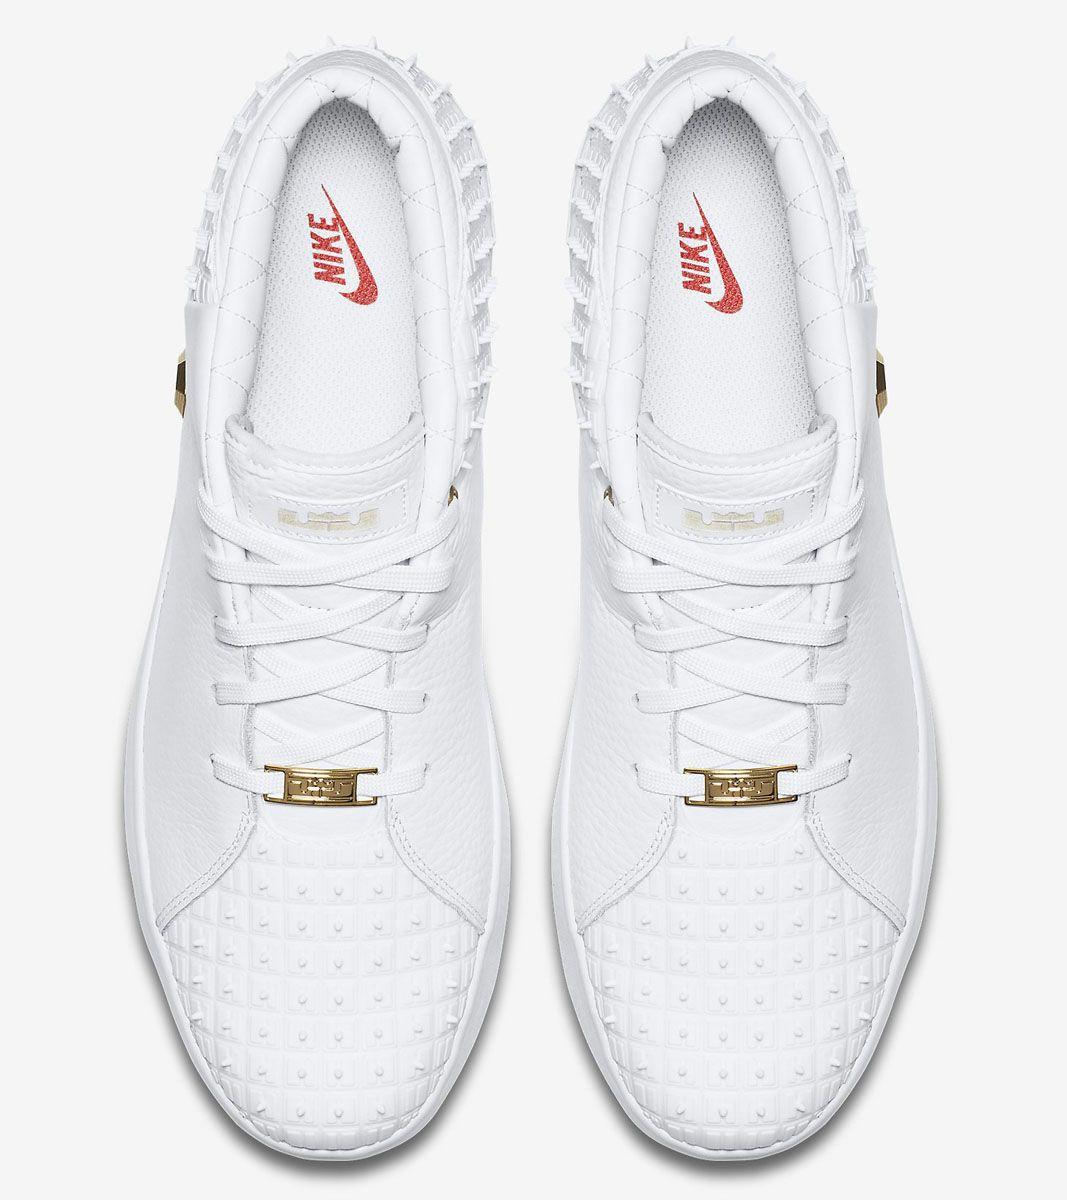 sale retailer e2853 57ca7 Nike LeBron 13 Lifestyle White 806396-100 (5)